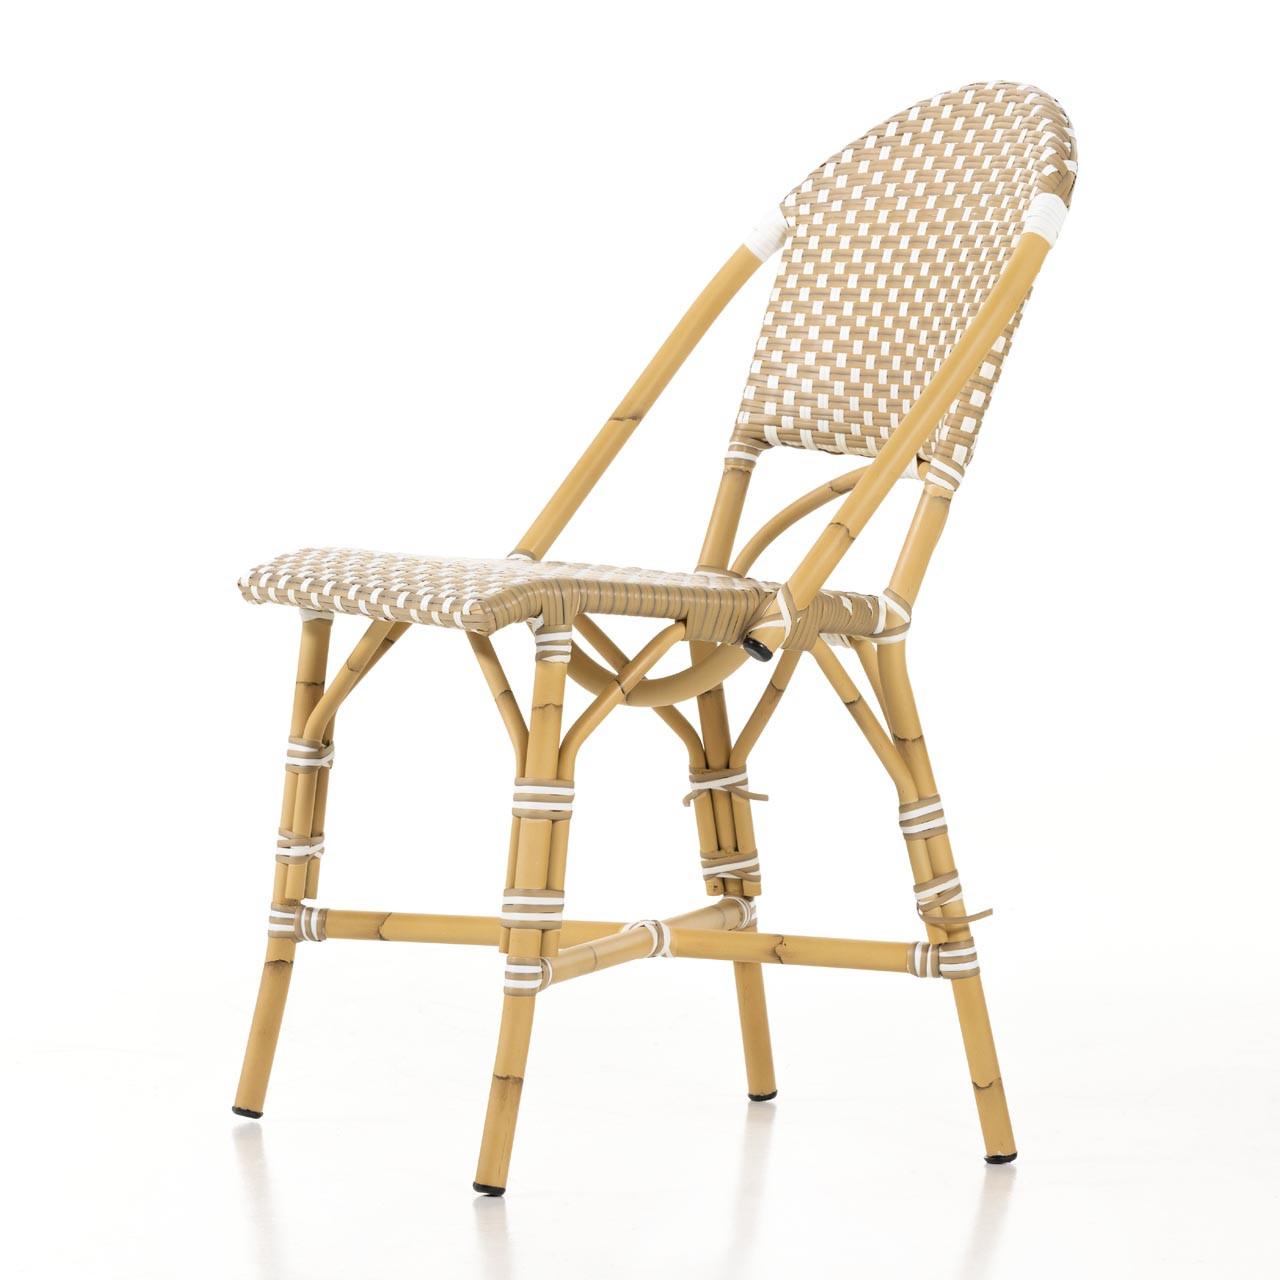 Derwen Outdoor Dining Chair - Faux Rattan